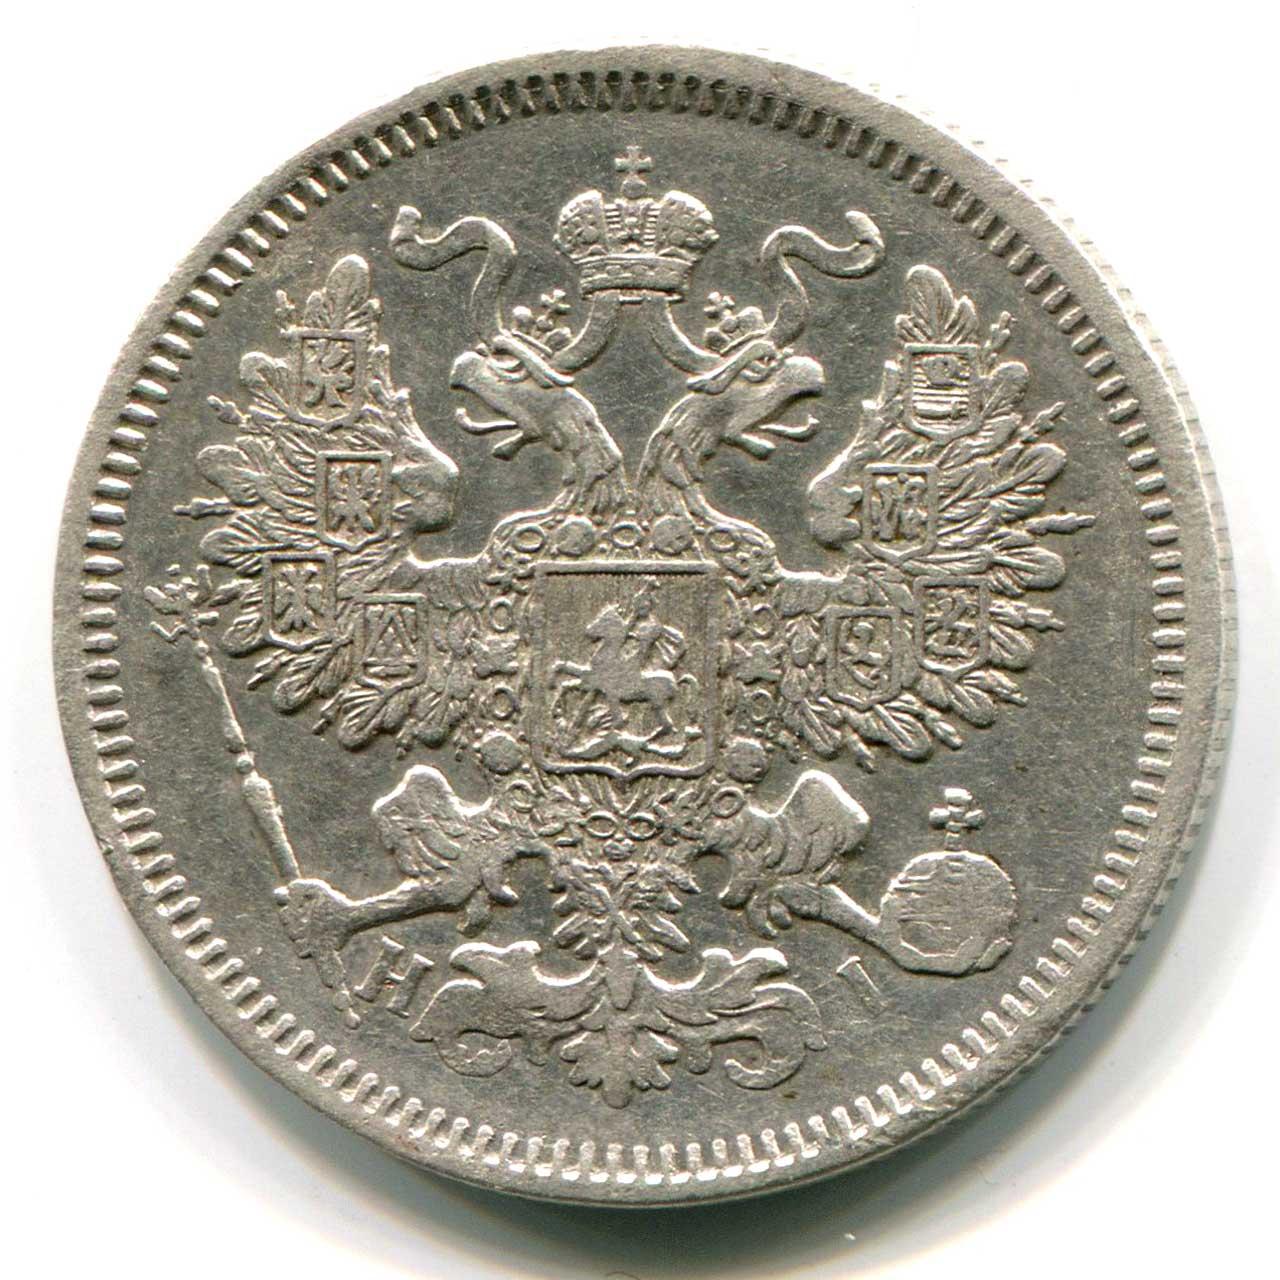 20 копеек 1870 года цена серебро лучший работник пожарной охраны знак купить